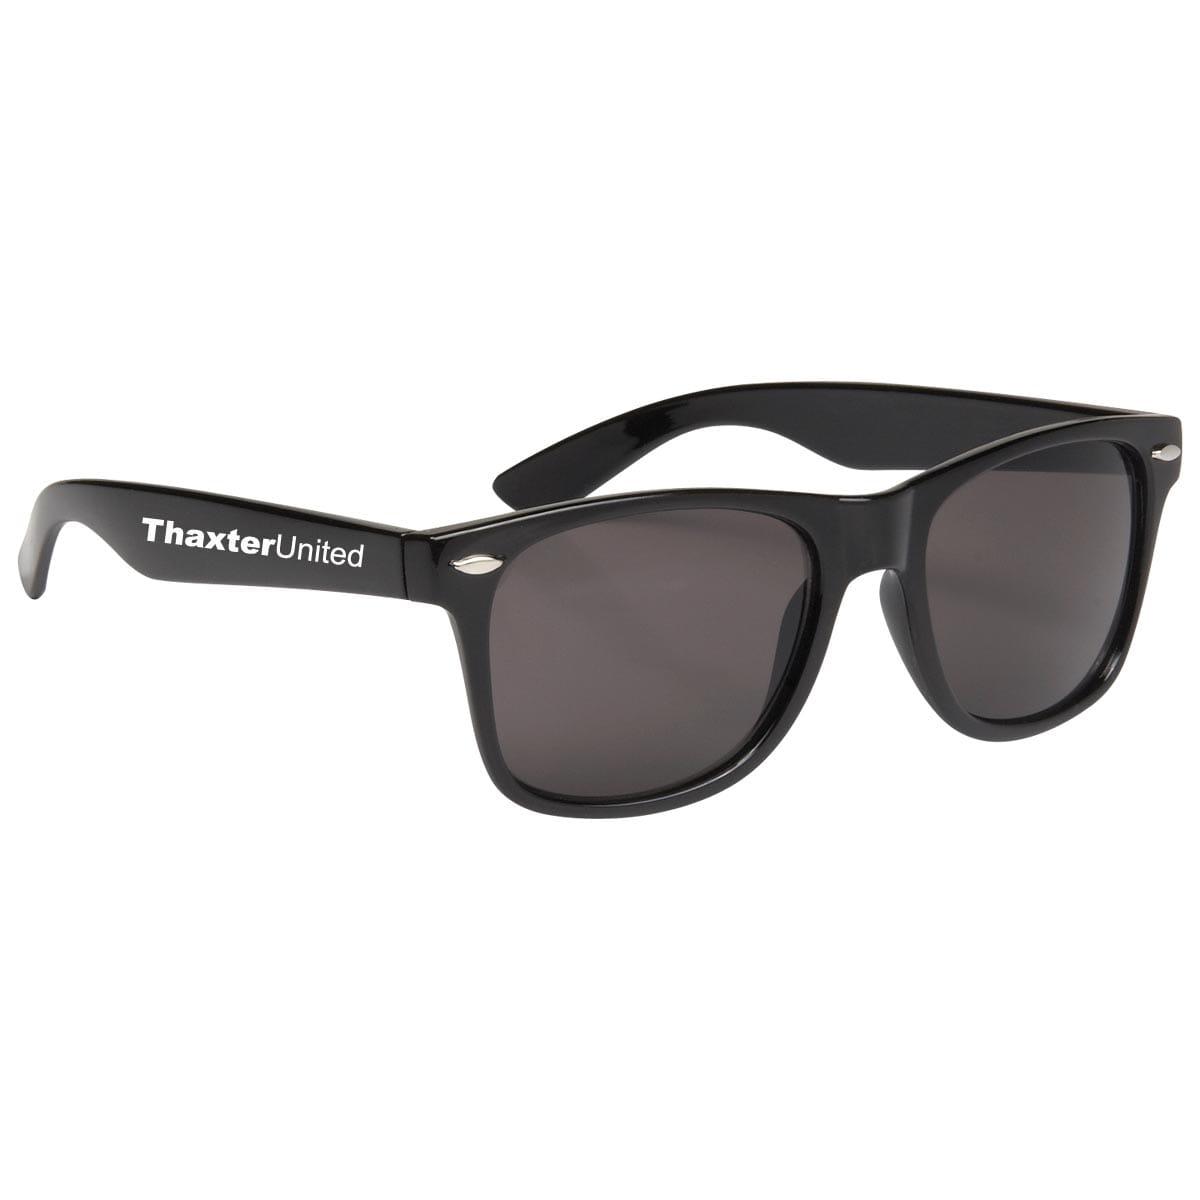 Cruise Retro Sunglasses